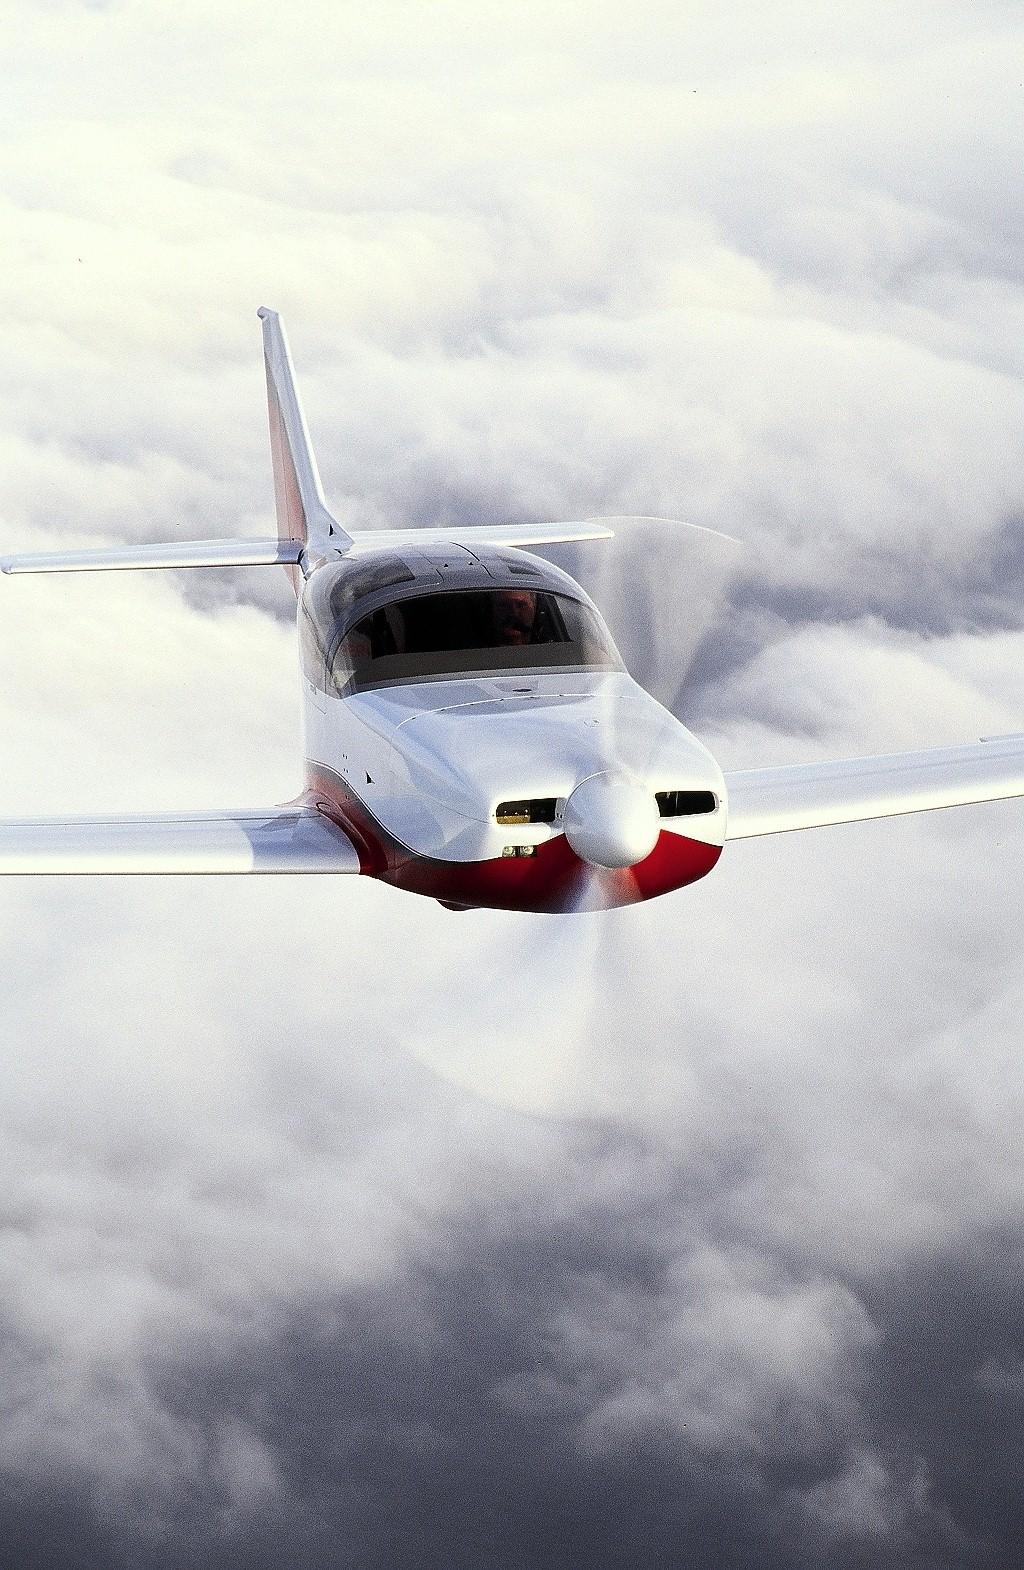 Glasair RG Above Clouds